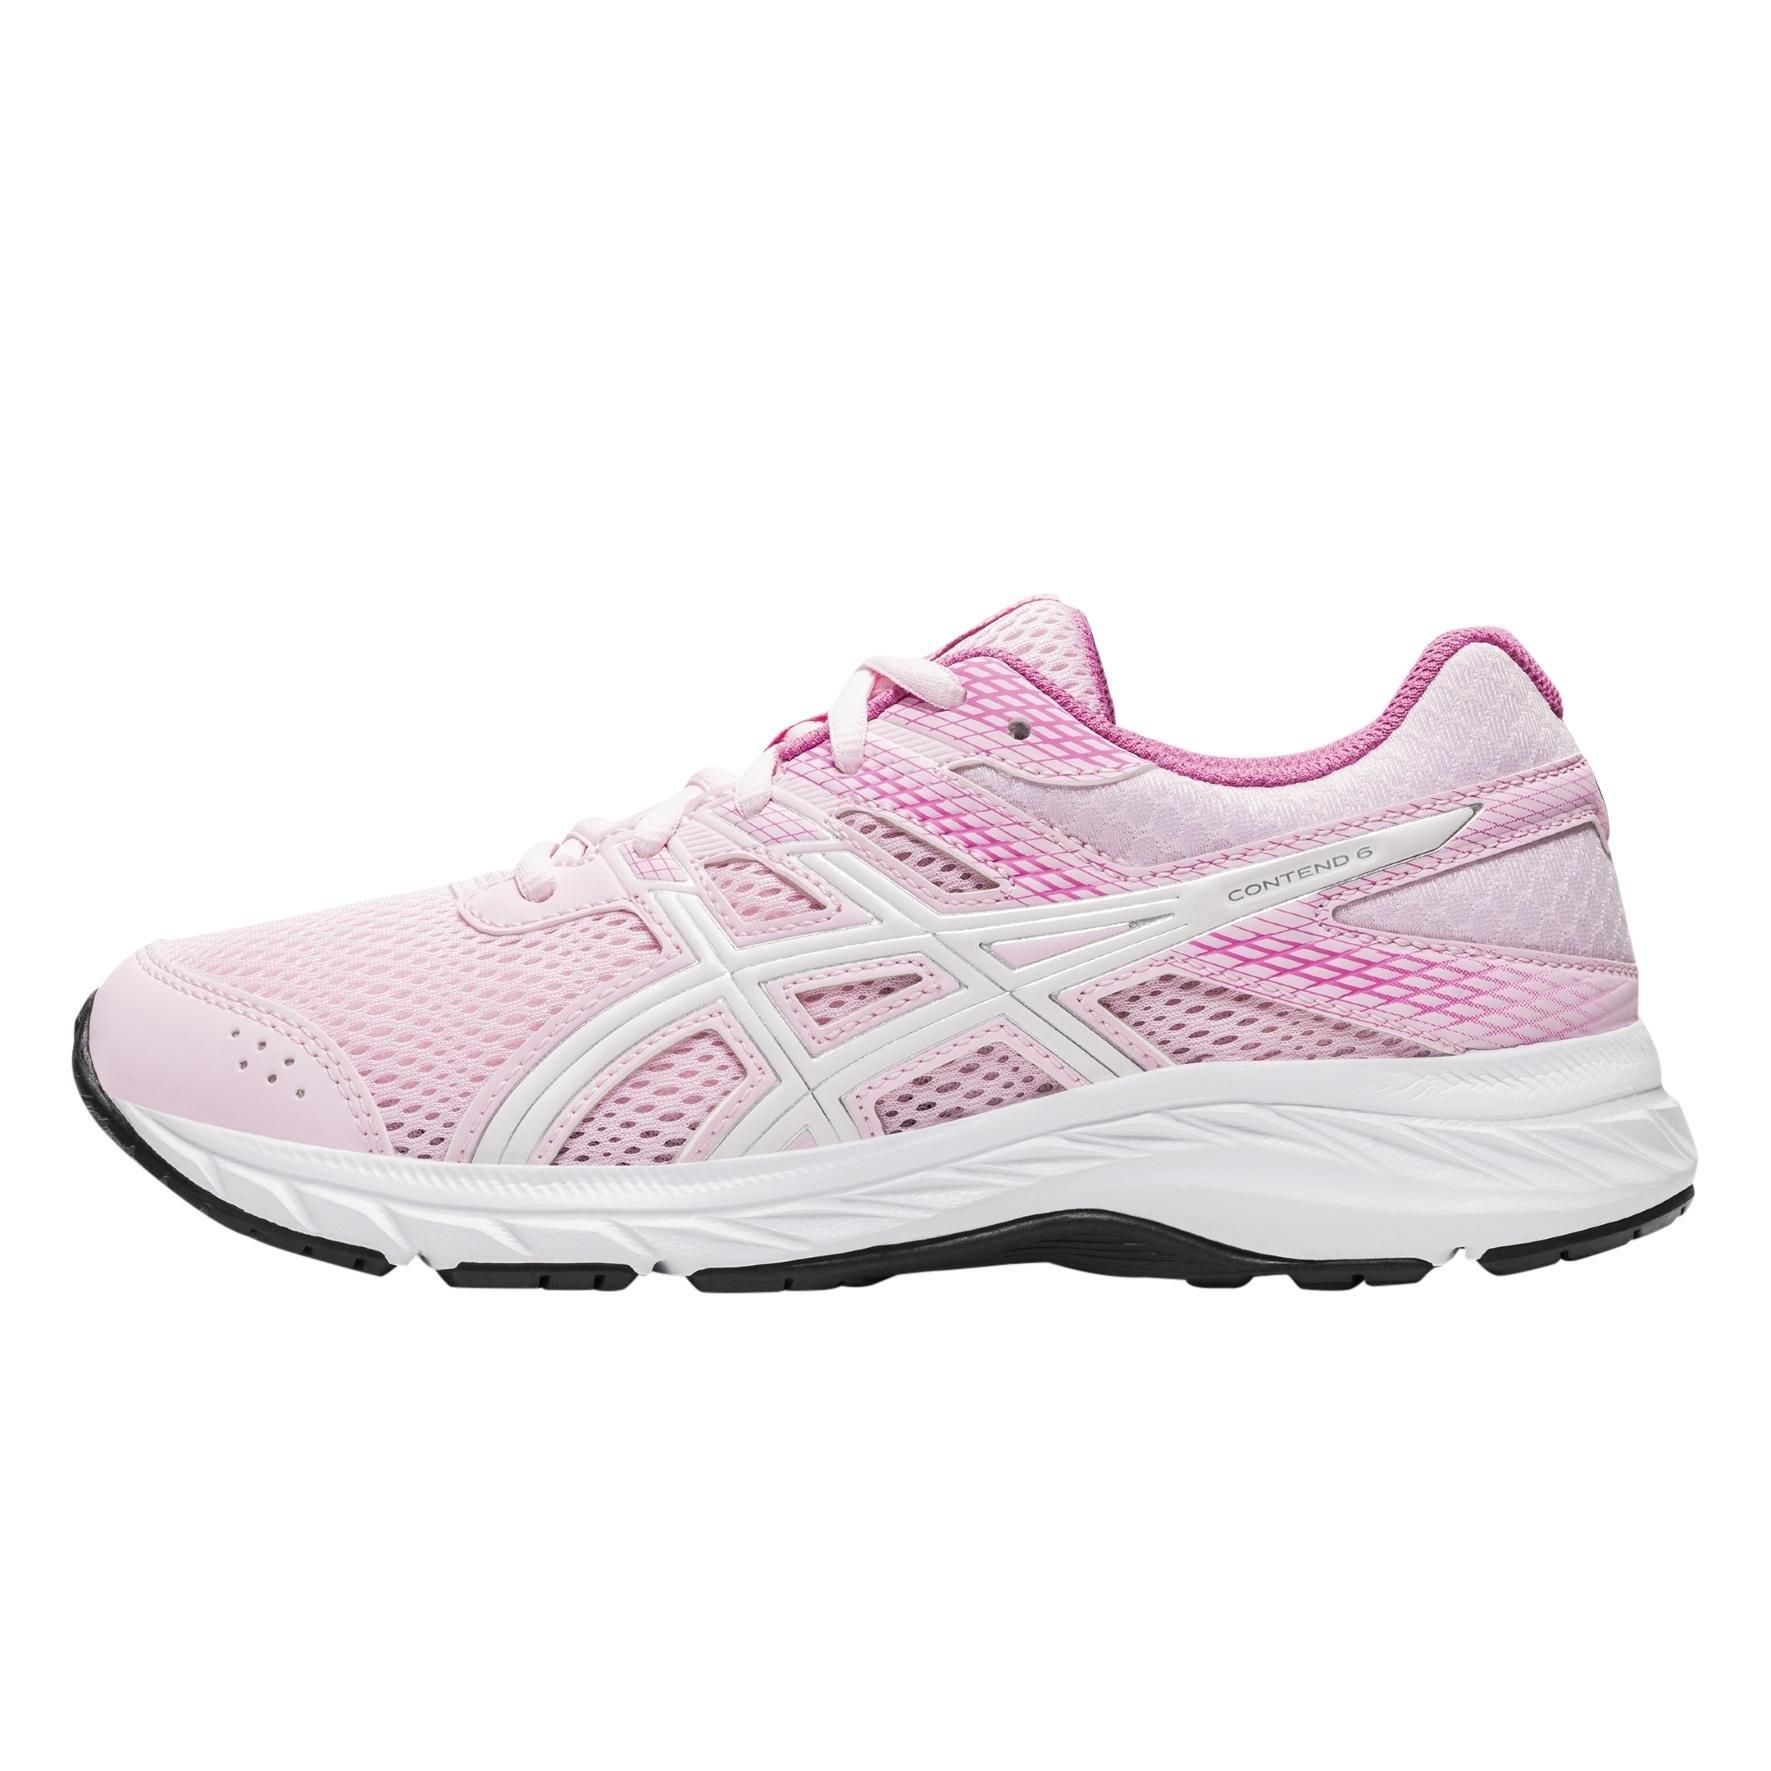 Op zoek naar een asics runningschoenen »CONTEND 6 GS«? Koop online bij OTTO